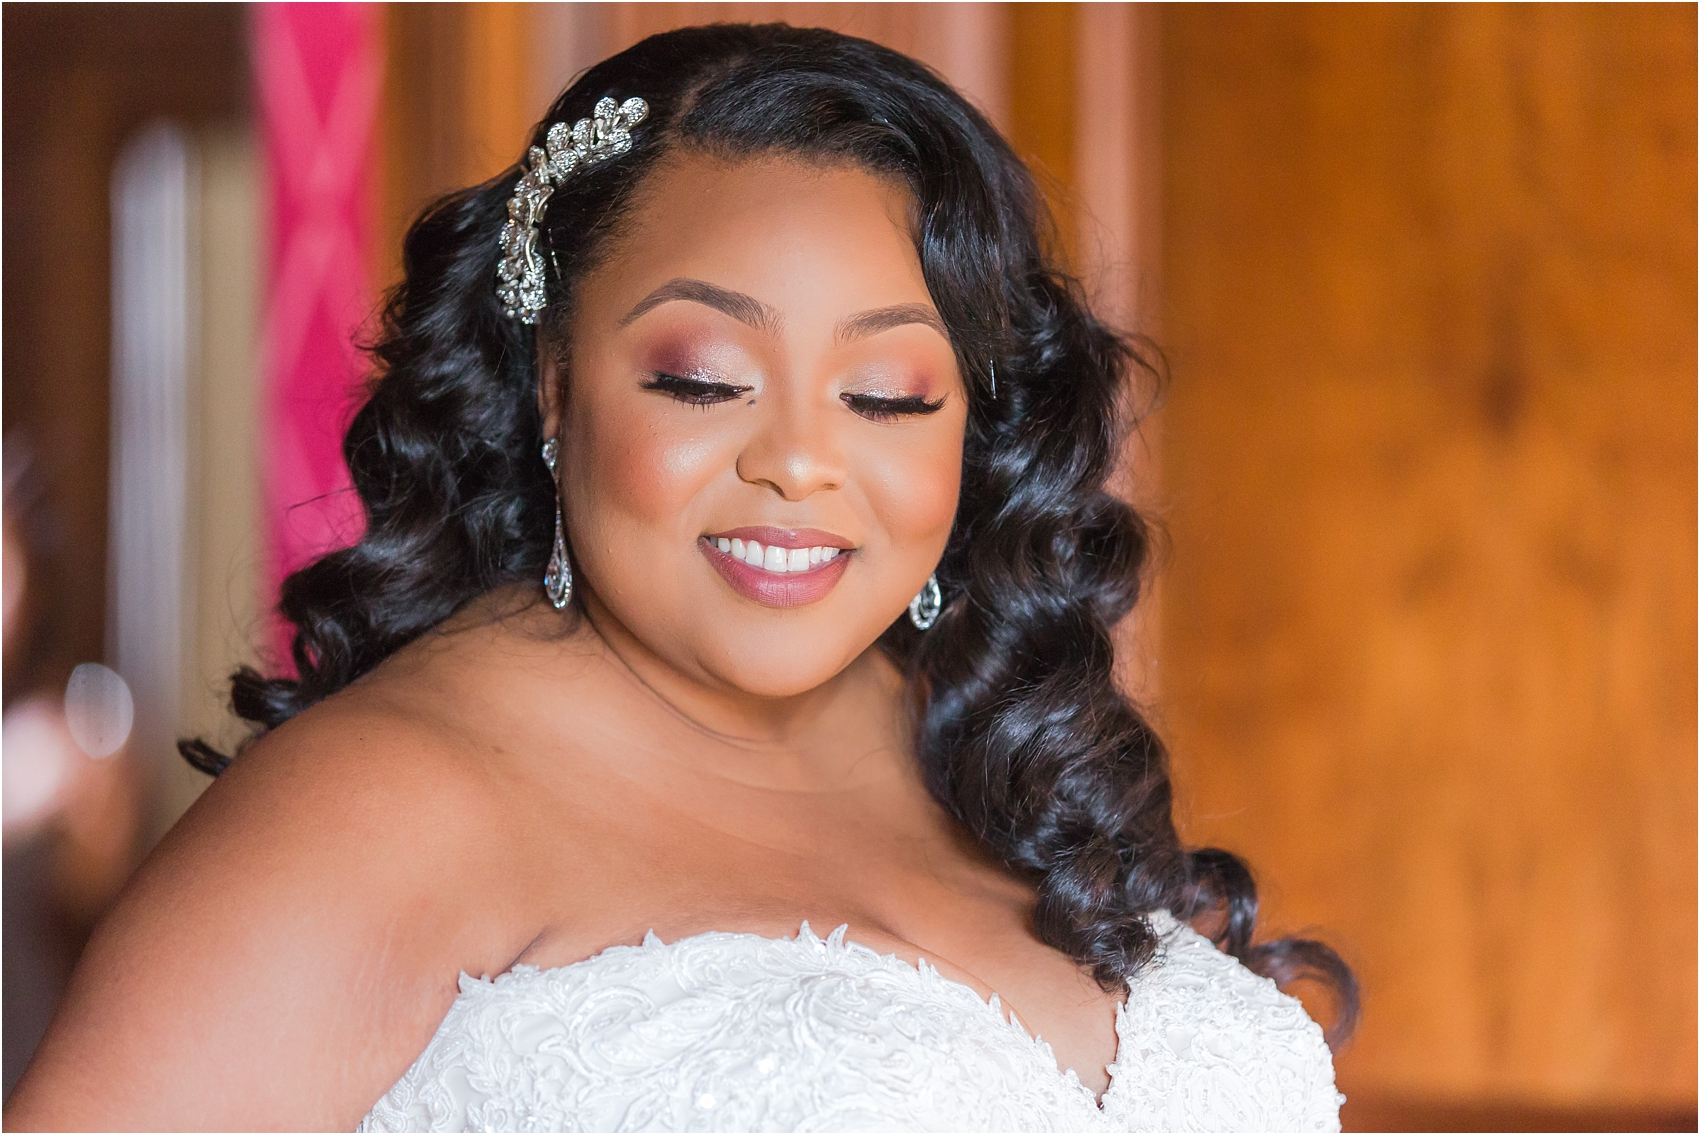 minimalist-and-modern-wedding-photos-at-30-north-saginaw-in-pontiac-michigan-by-courtney-carolyn-photography_0004.jpg